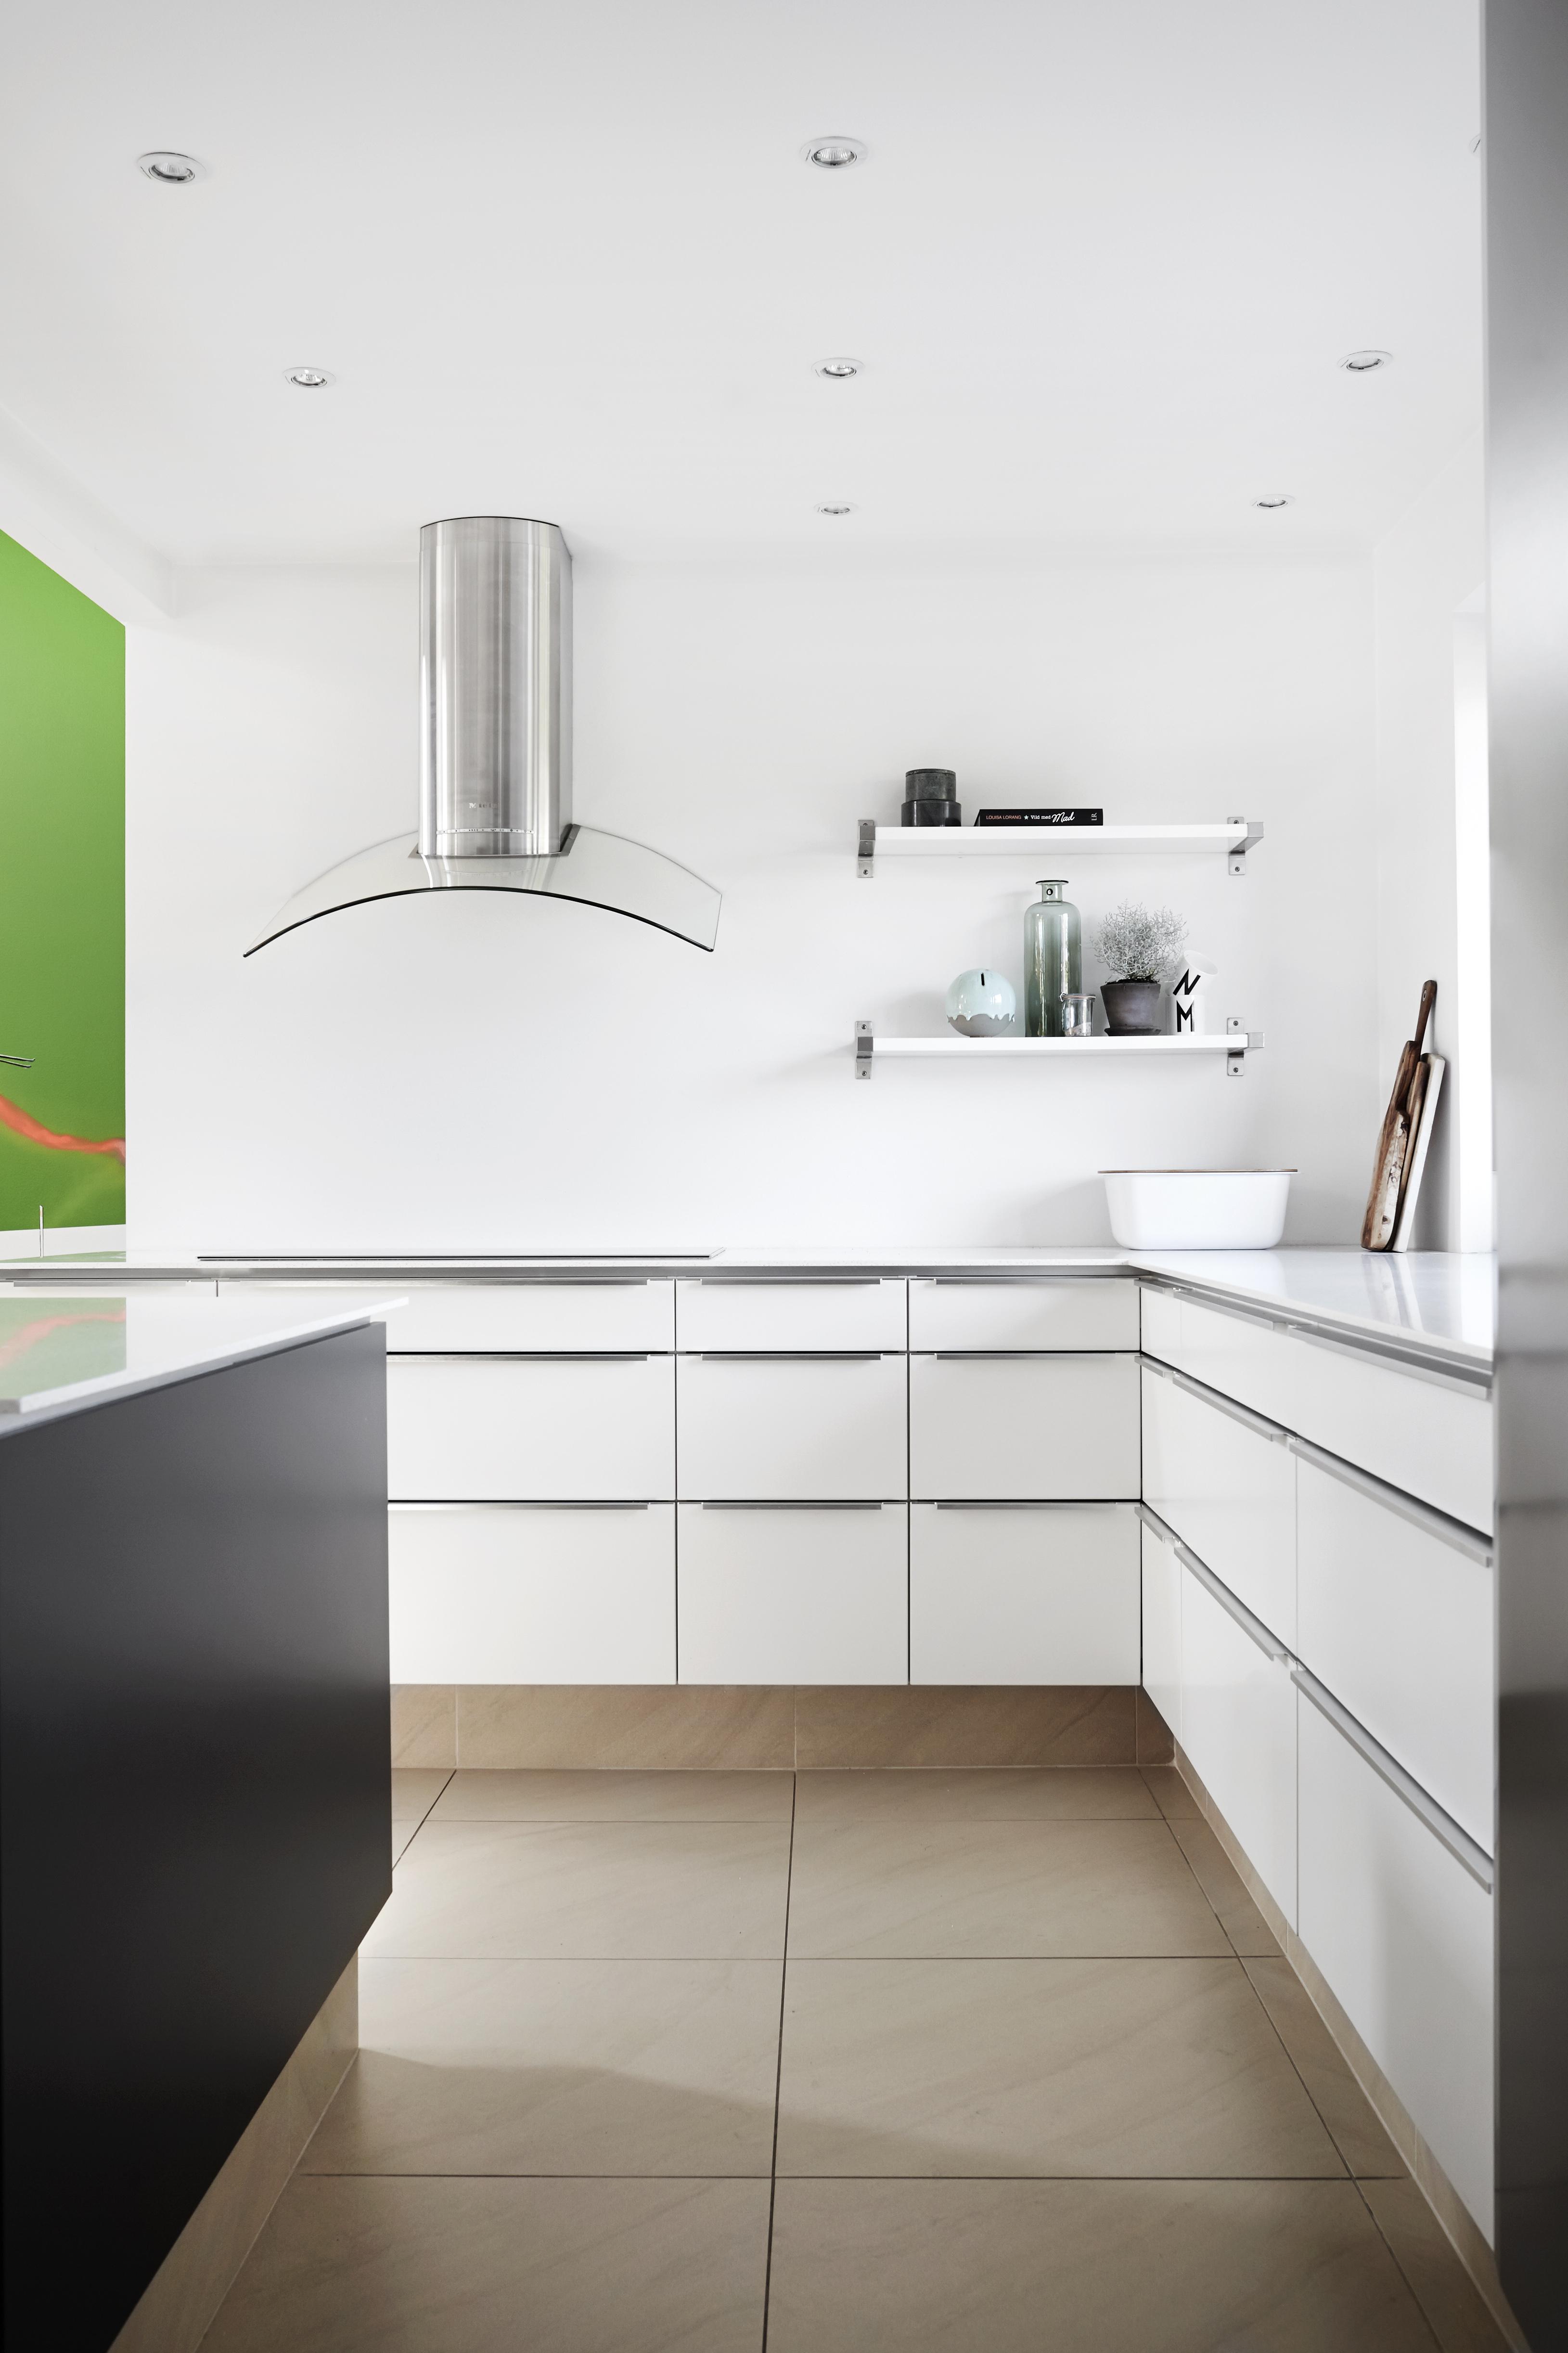 Tvis Køkkener i Aalborg: Moderne køkken med rum til mad og mennesker